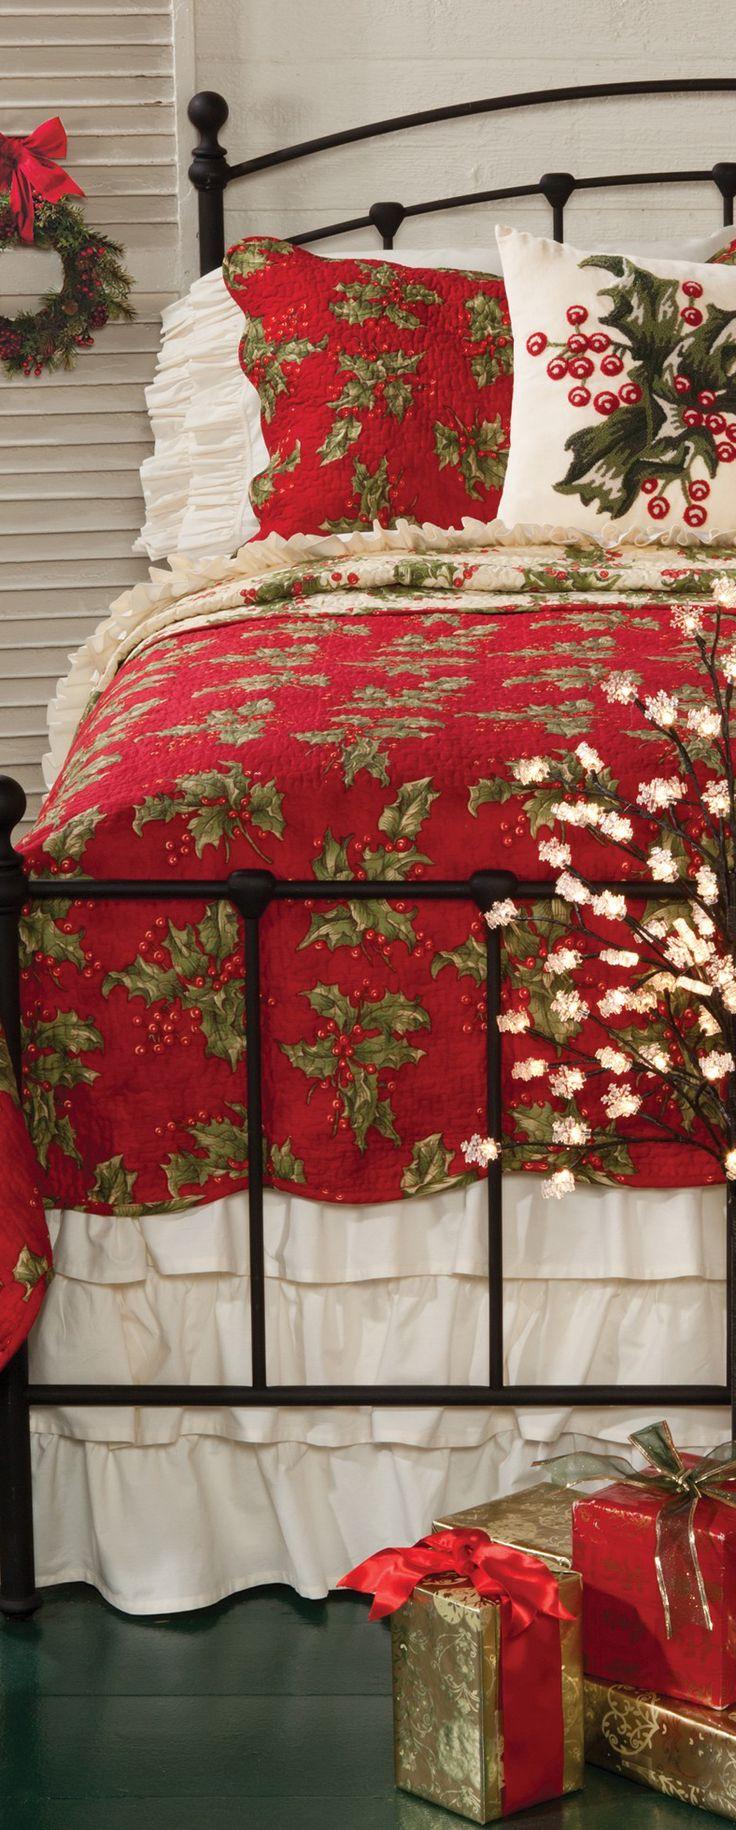 Rustic Christmas Bedding Collection | Christmas Decor